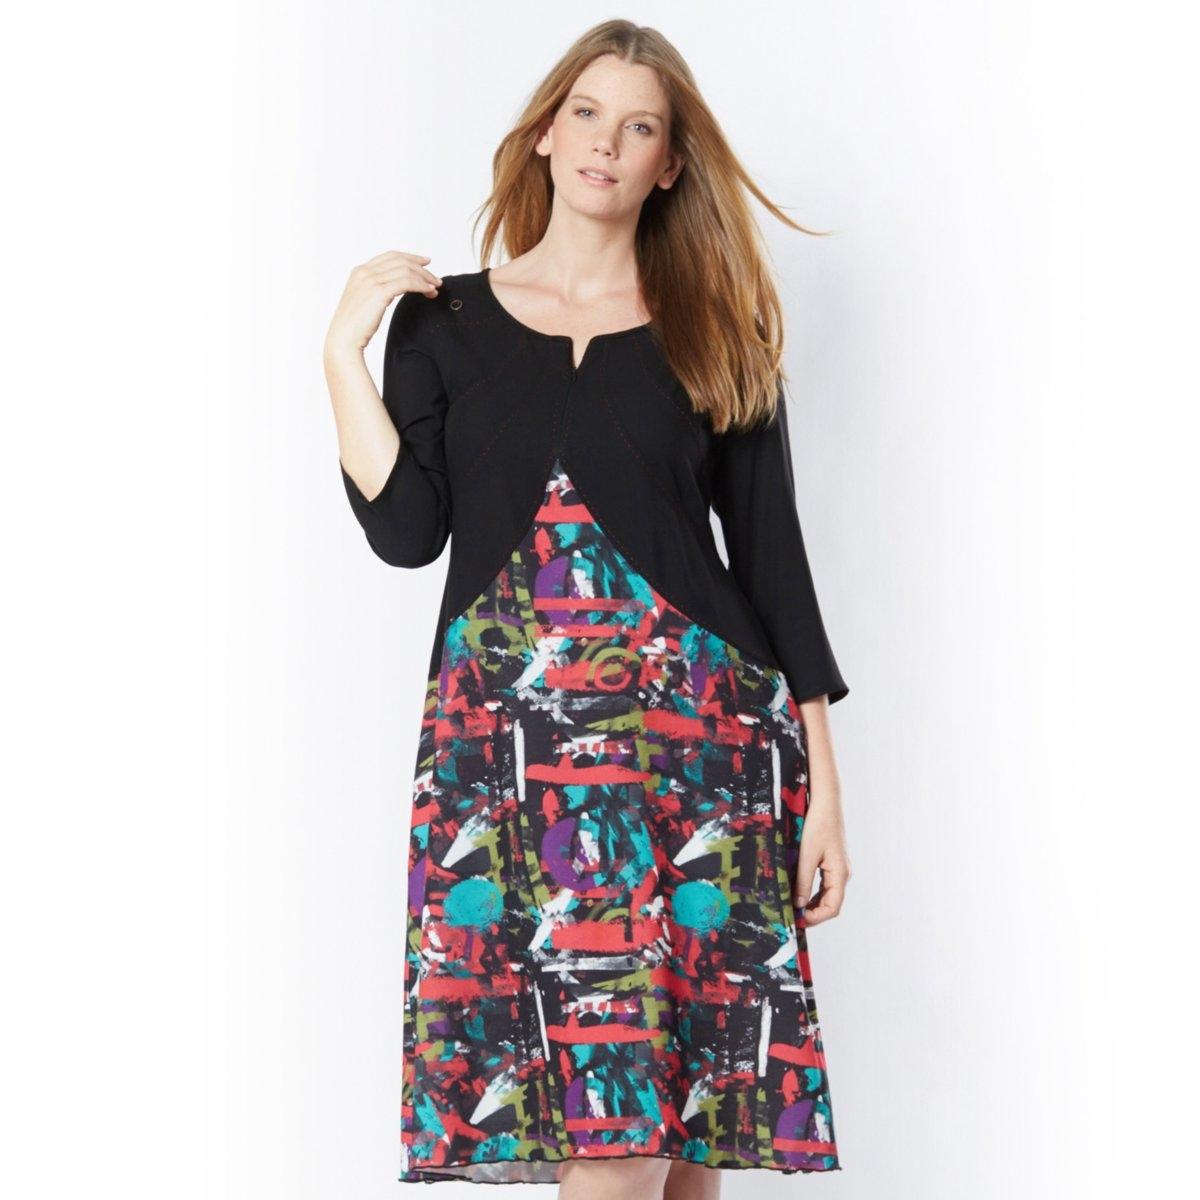 Платье длинноеДва материала, разноцветный рисунок, розовая строчка… Рукава 3/4. Молния на вырезе. 100% полиэстера. Подкладка из полиэстера. Длина 110 см.<br><br>Цвет: рисунок граффити<br>Размер: 56 (FR) - 62 (RUS)